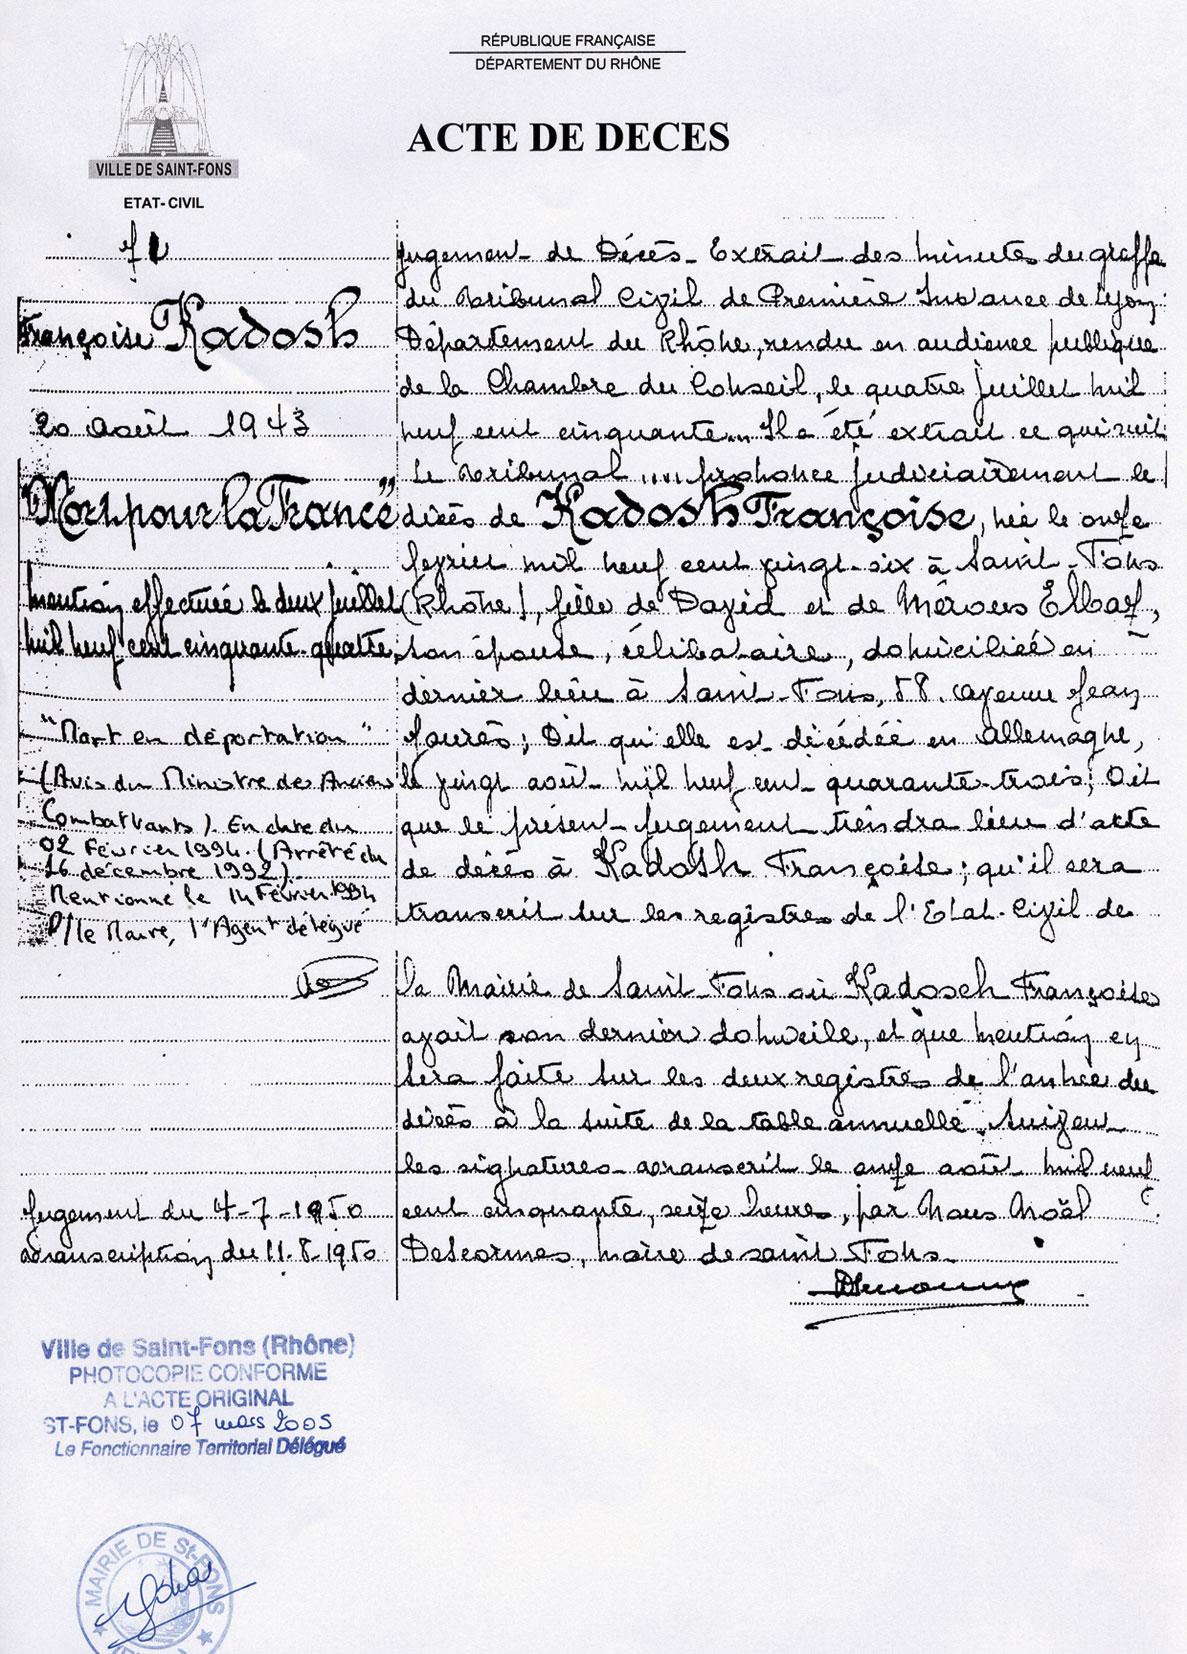 Acte de décès de Françoise, Kadosch, Saint-Fons